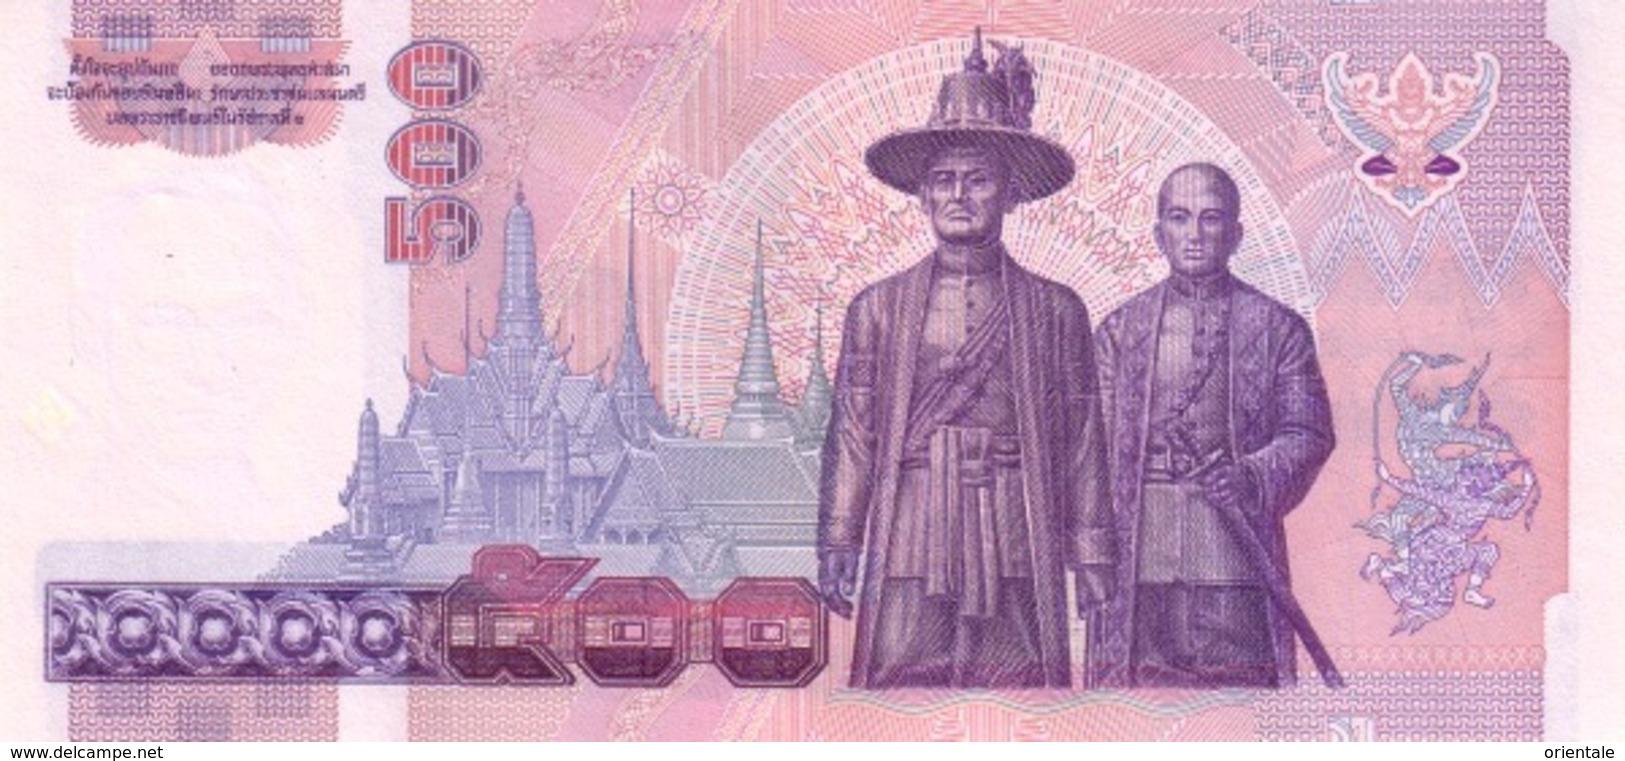 THAILAND P. 100 500 B 1996 UNC (s. 64) - Tailandia